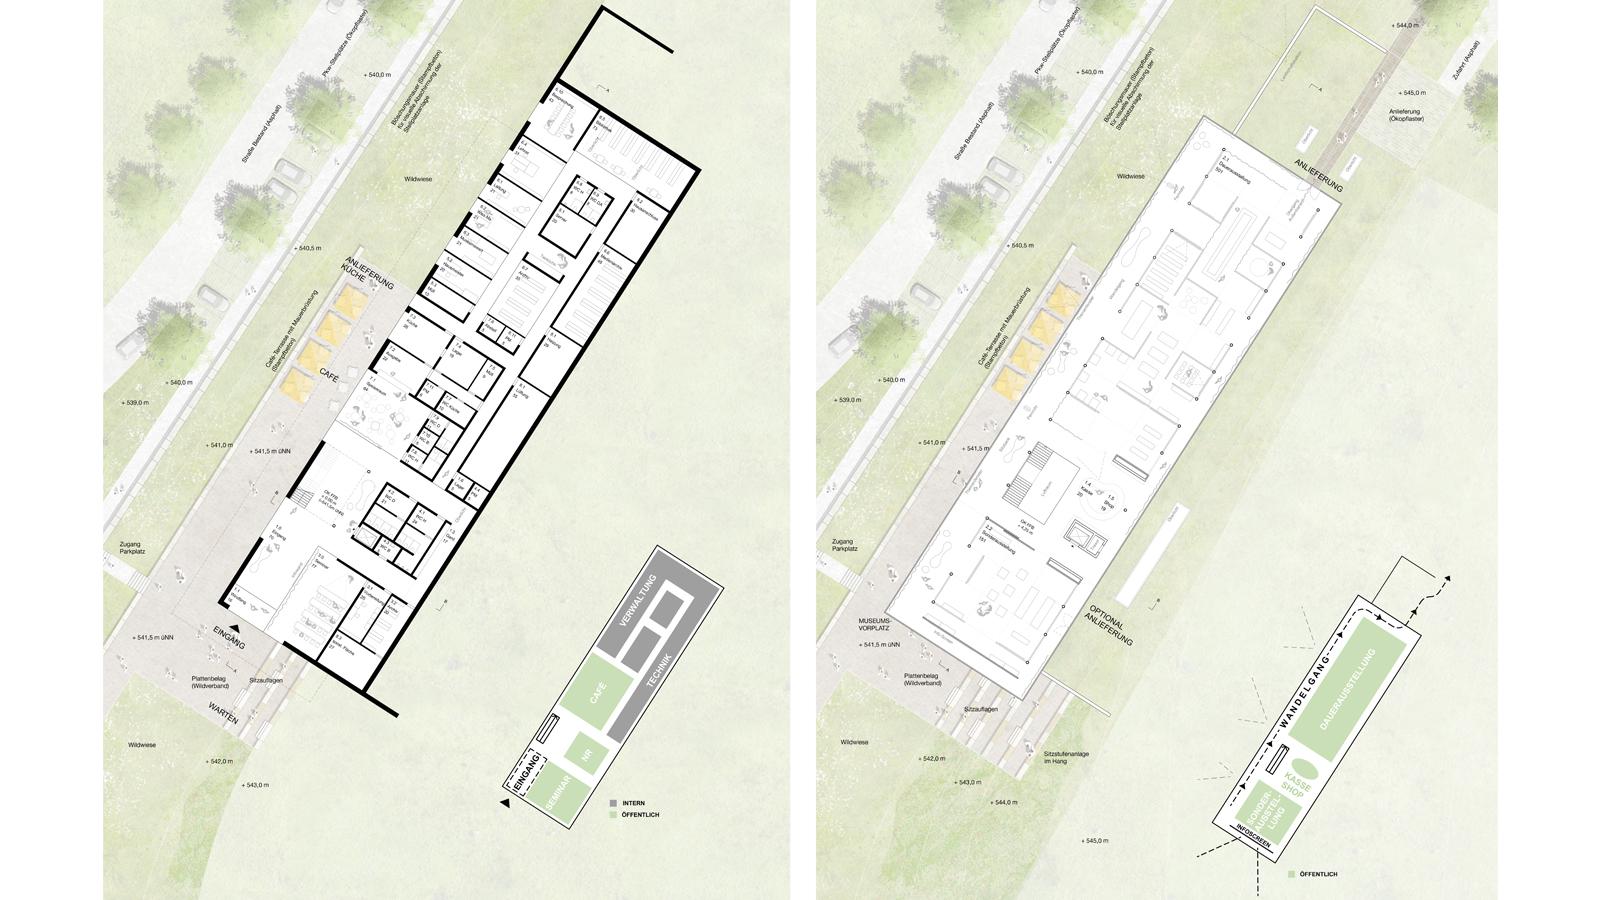 h2m-architekten-deutsch-deutsches-museum-moedlareuth-grundrisse